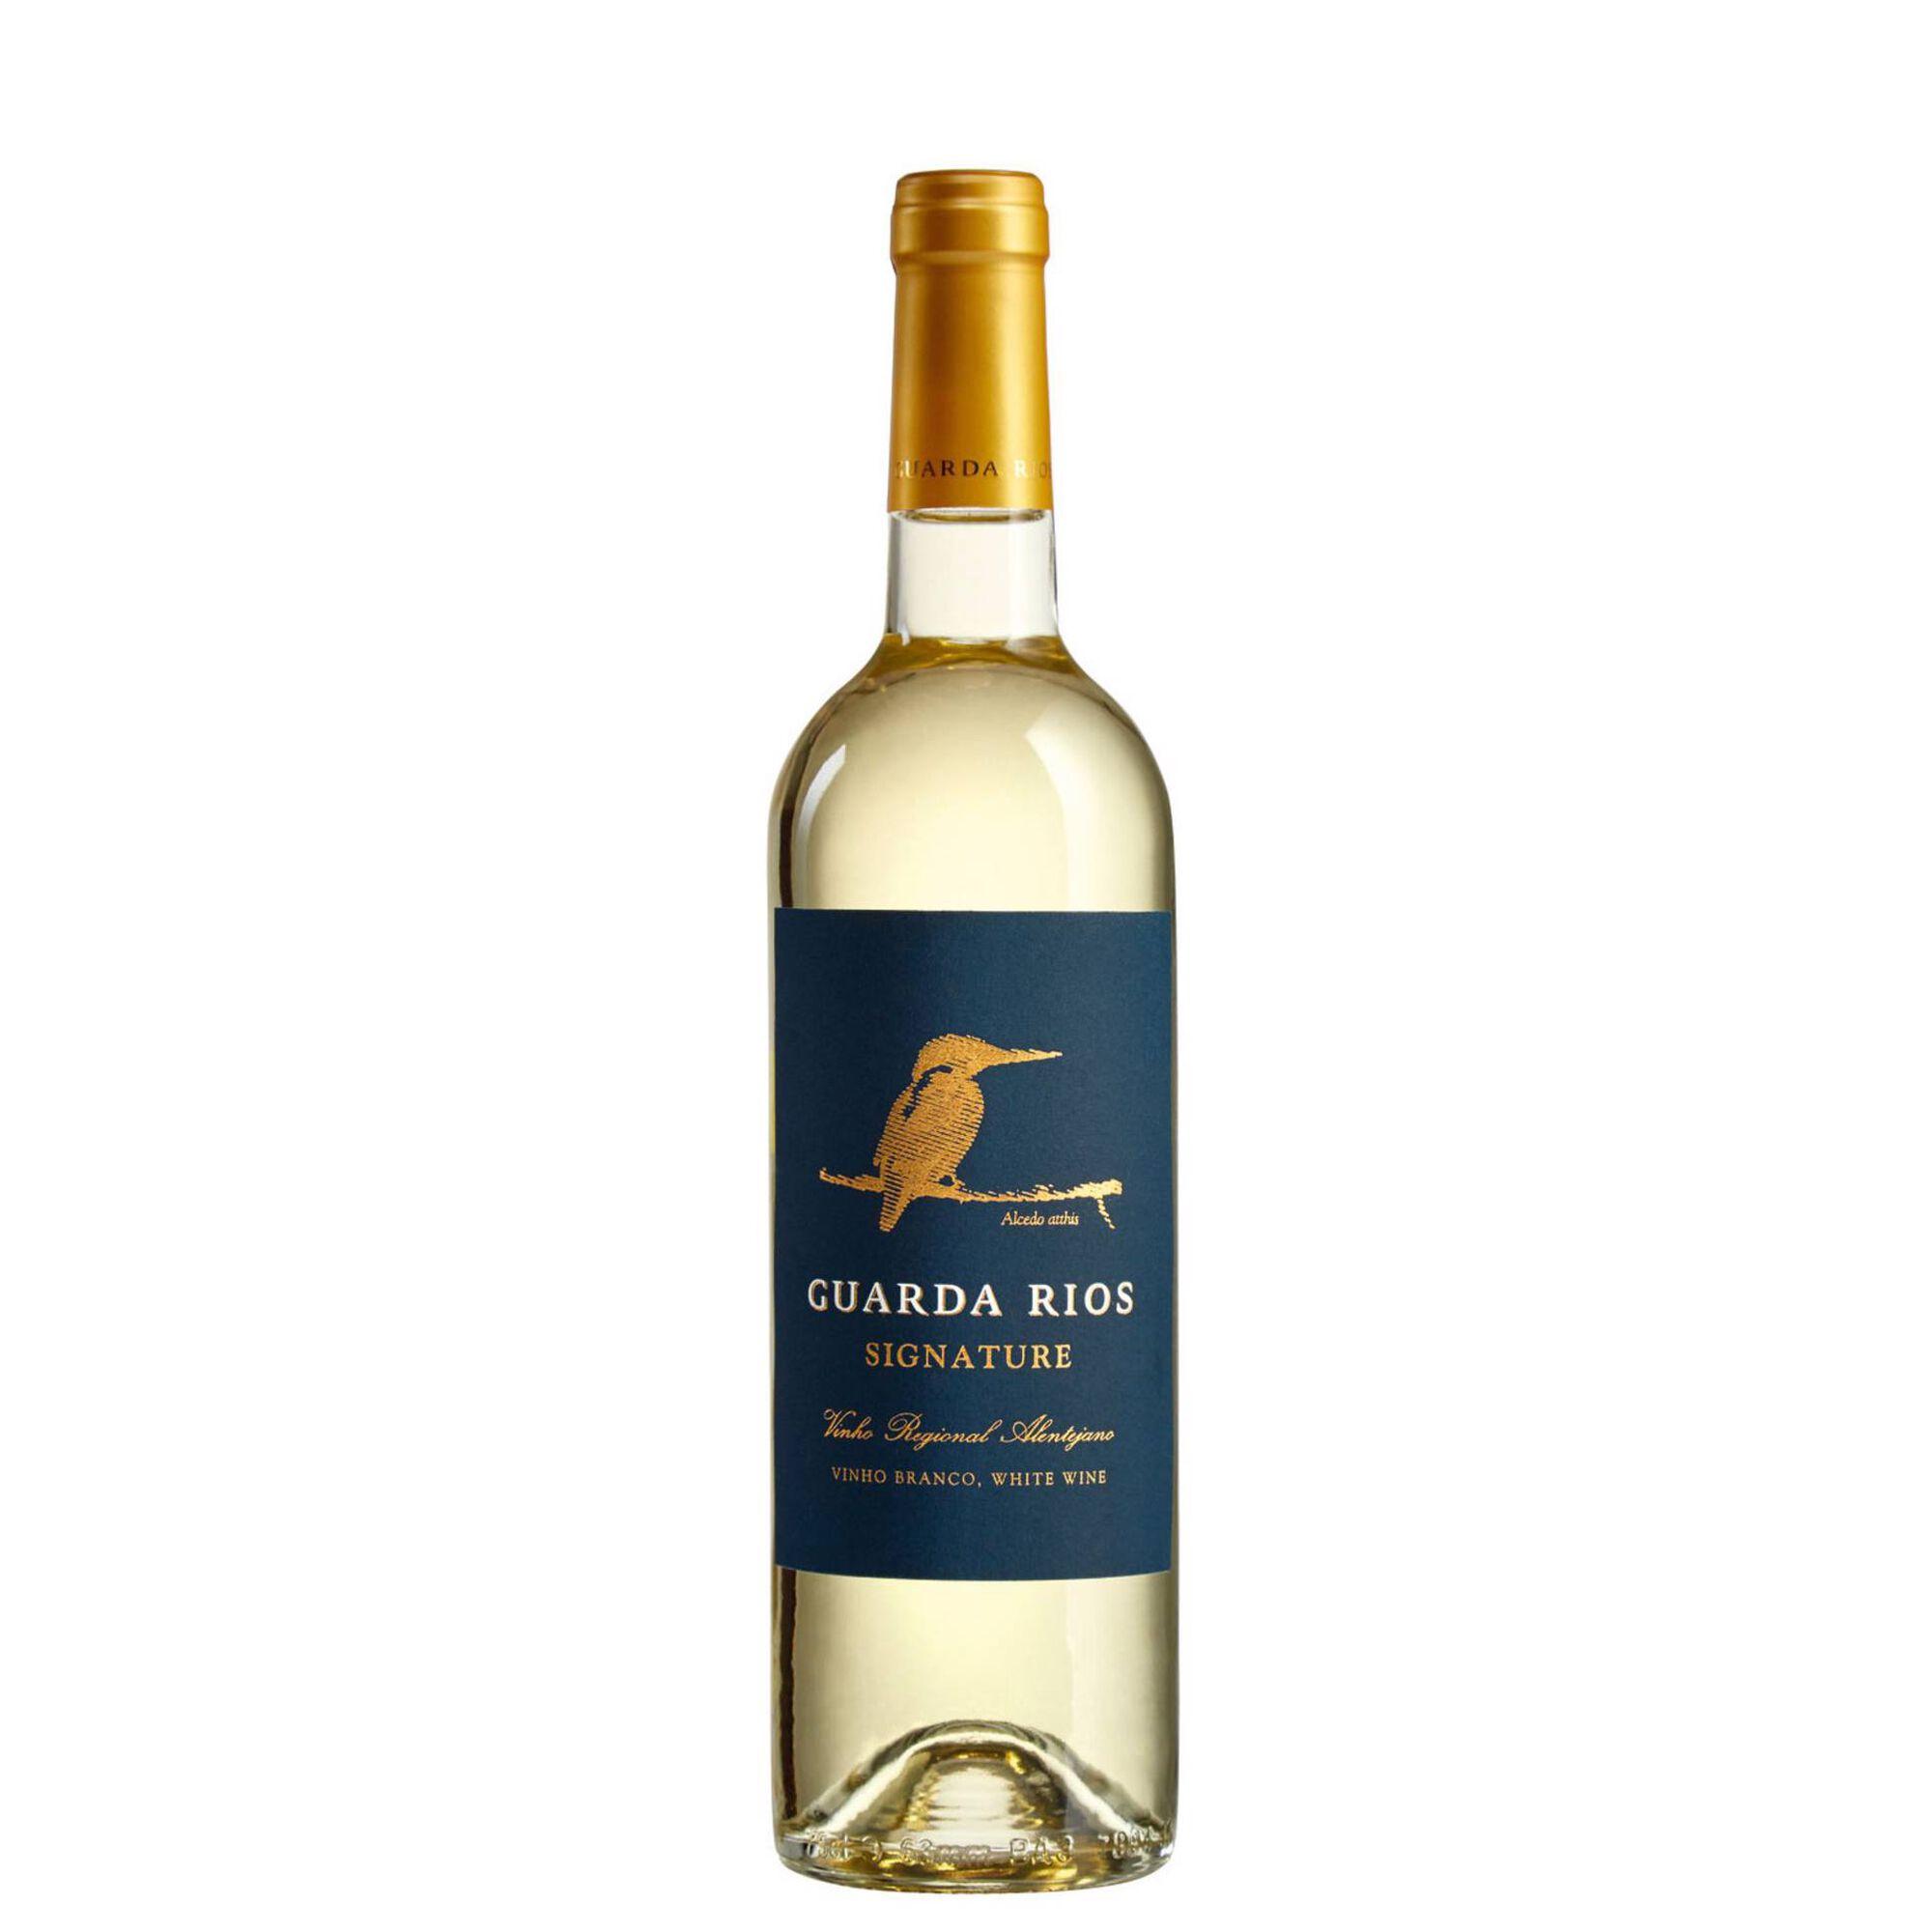 Guarda Rios Signature Regional Alentejano Vinho Branco